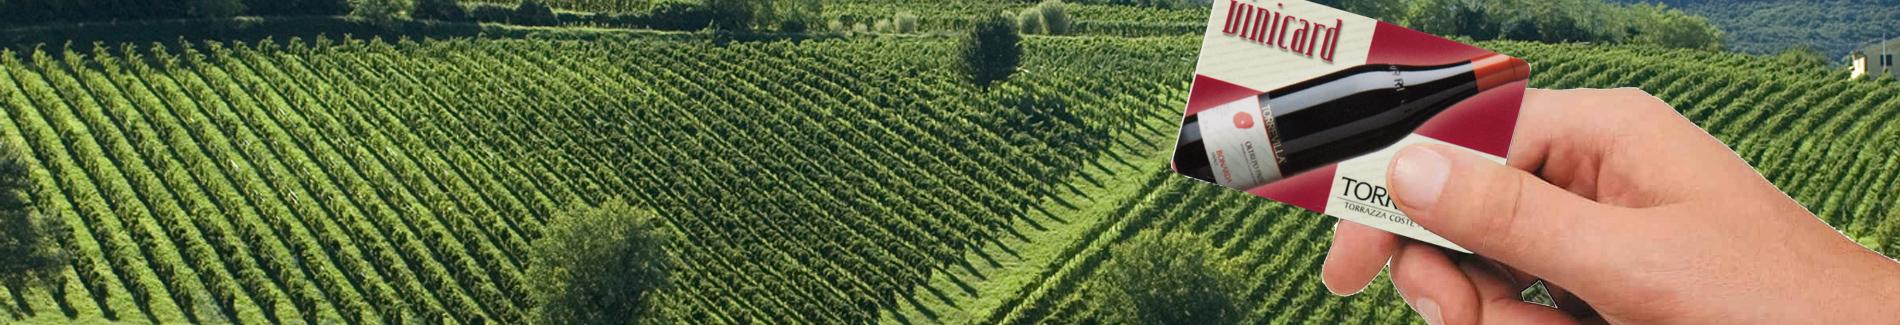 Vinicard: carta fedeltà Torrevilla per sconti speciali su vini e prodotti gastronomici alle Botteghe del Vino